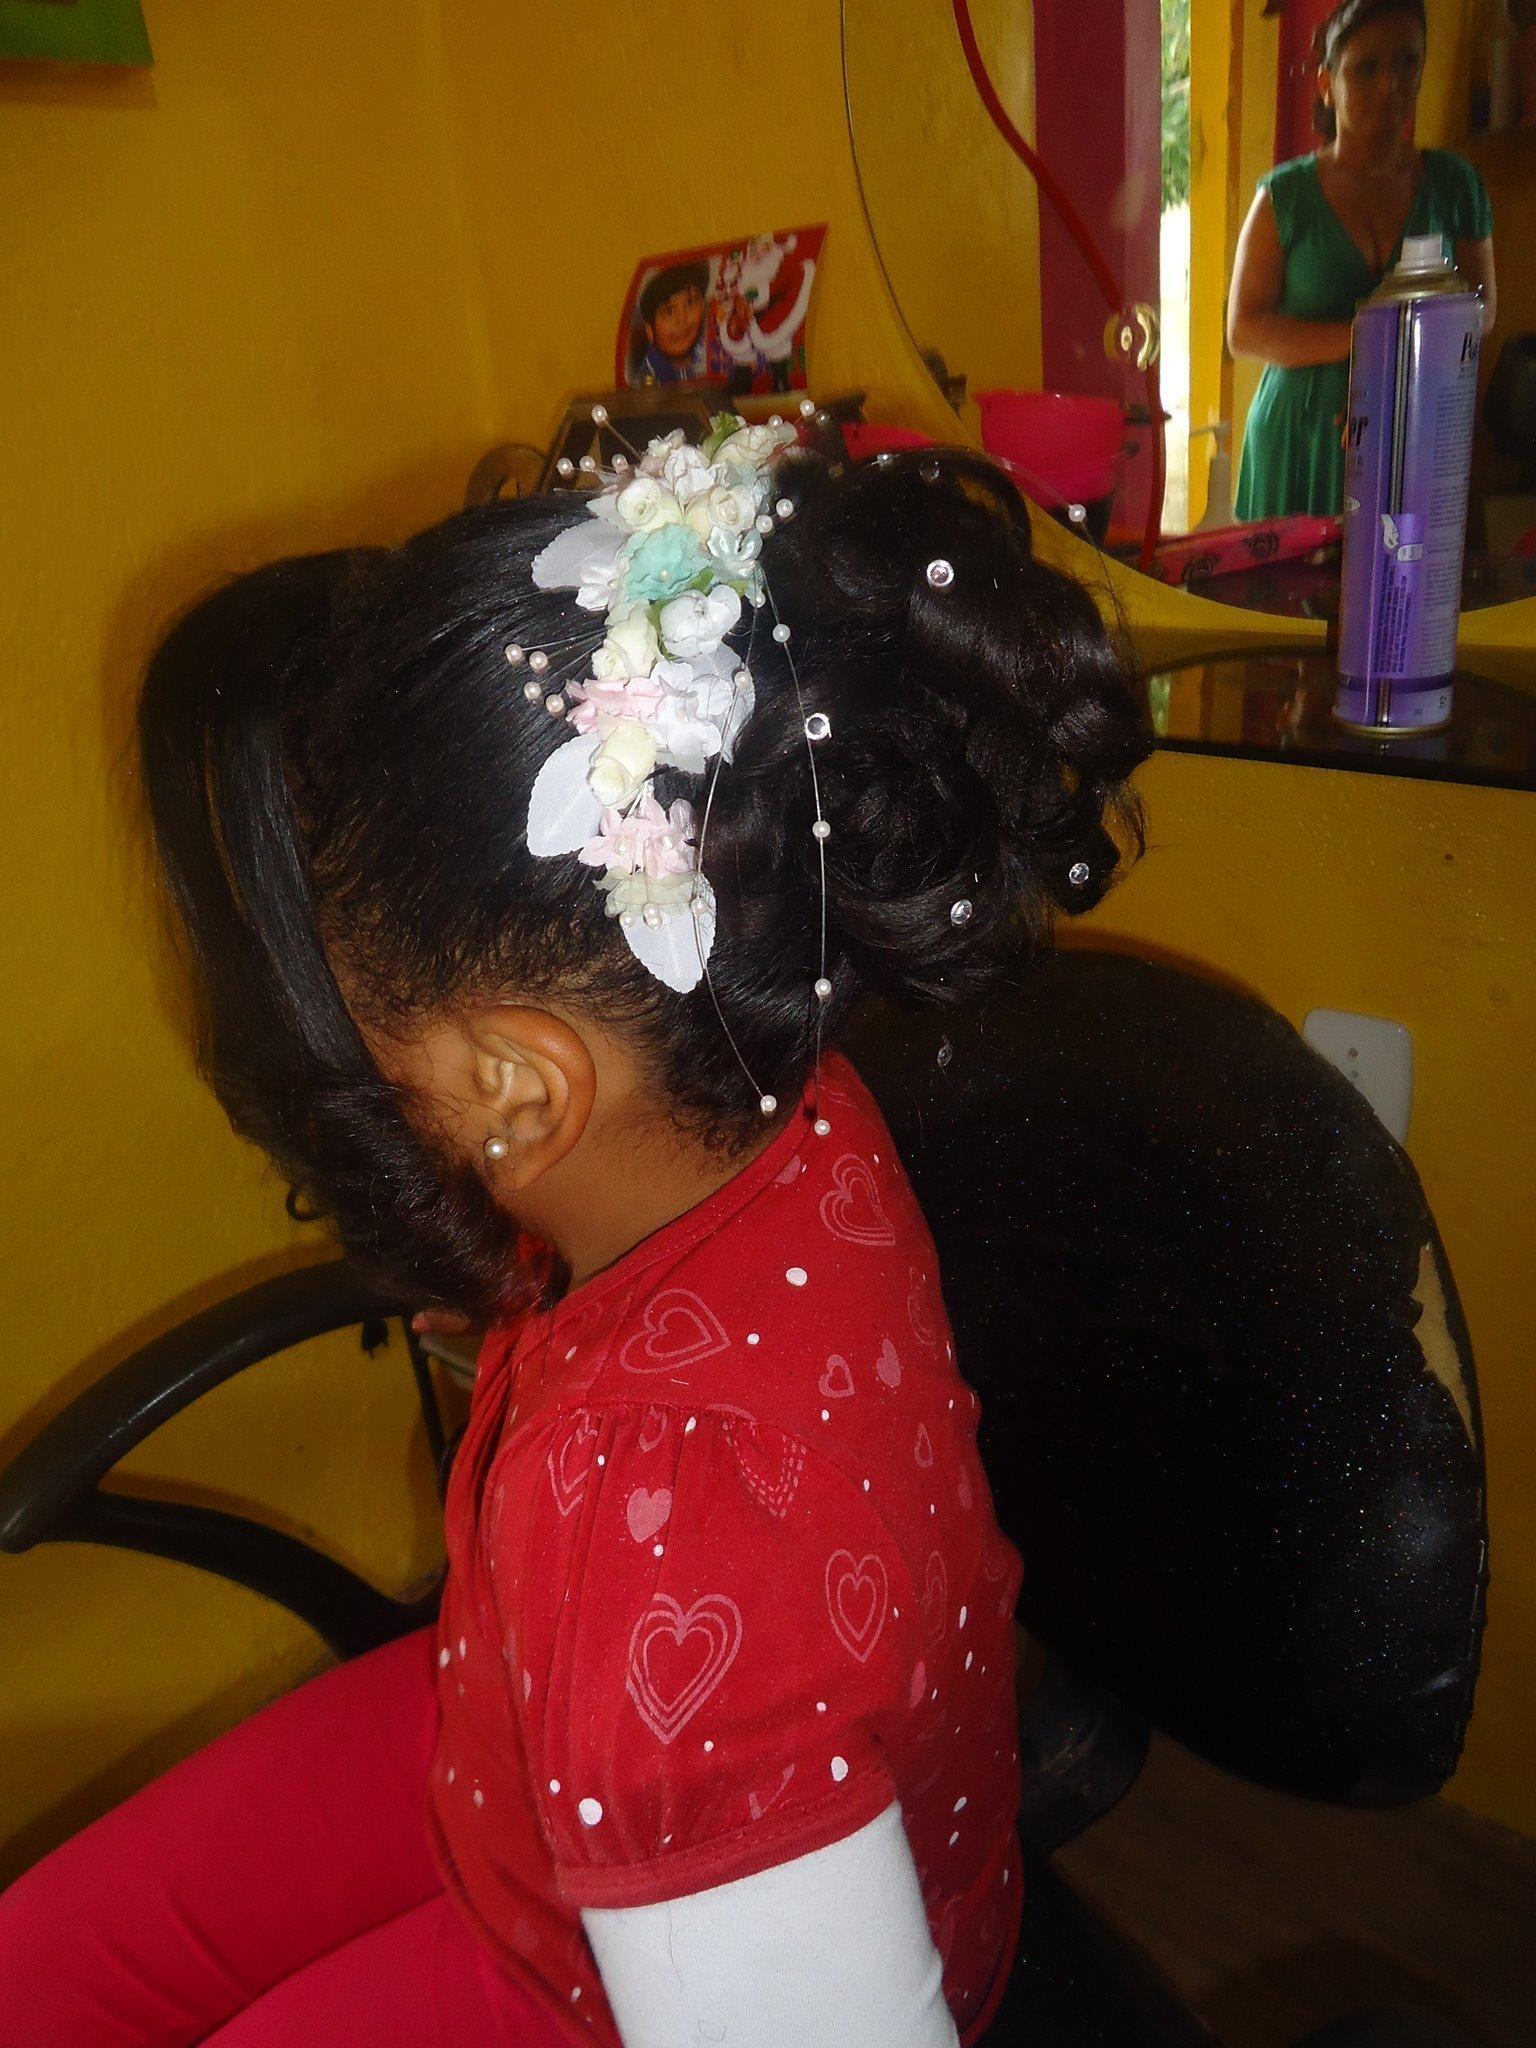 Penteado Florista Semi Preso para Florista. maquiador(a) auxiliar cabeleireiro(a)